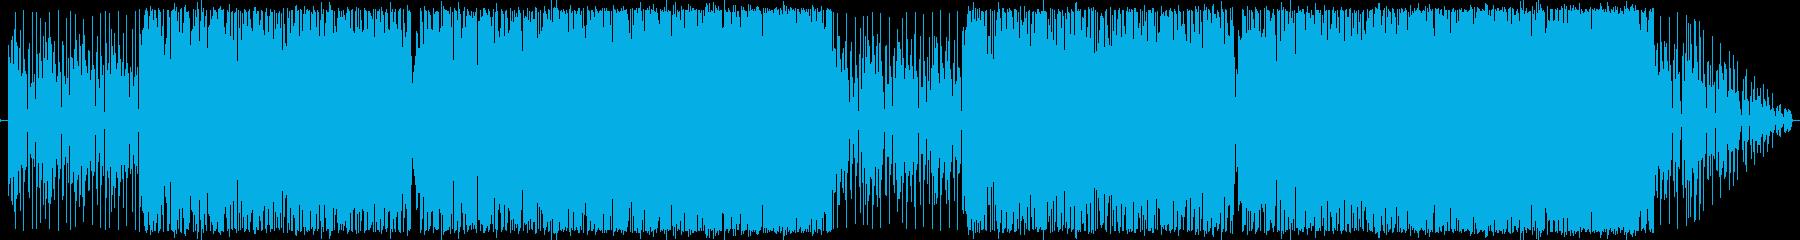 近未来的で爽やかなエレクトロニカの再生済みの波形